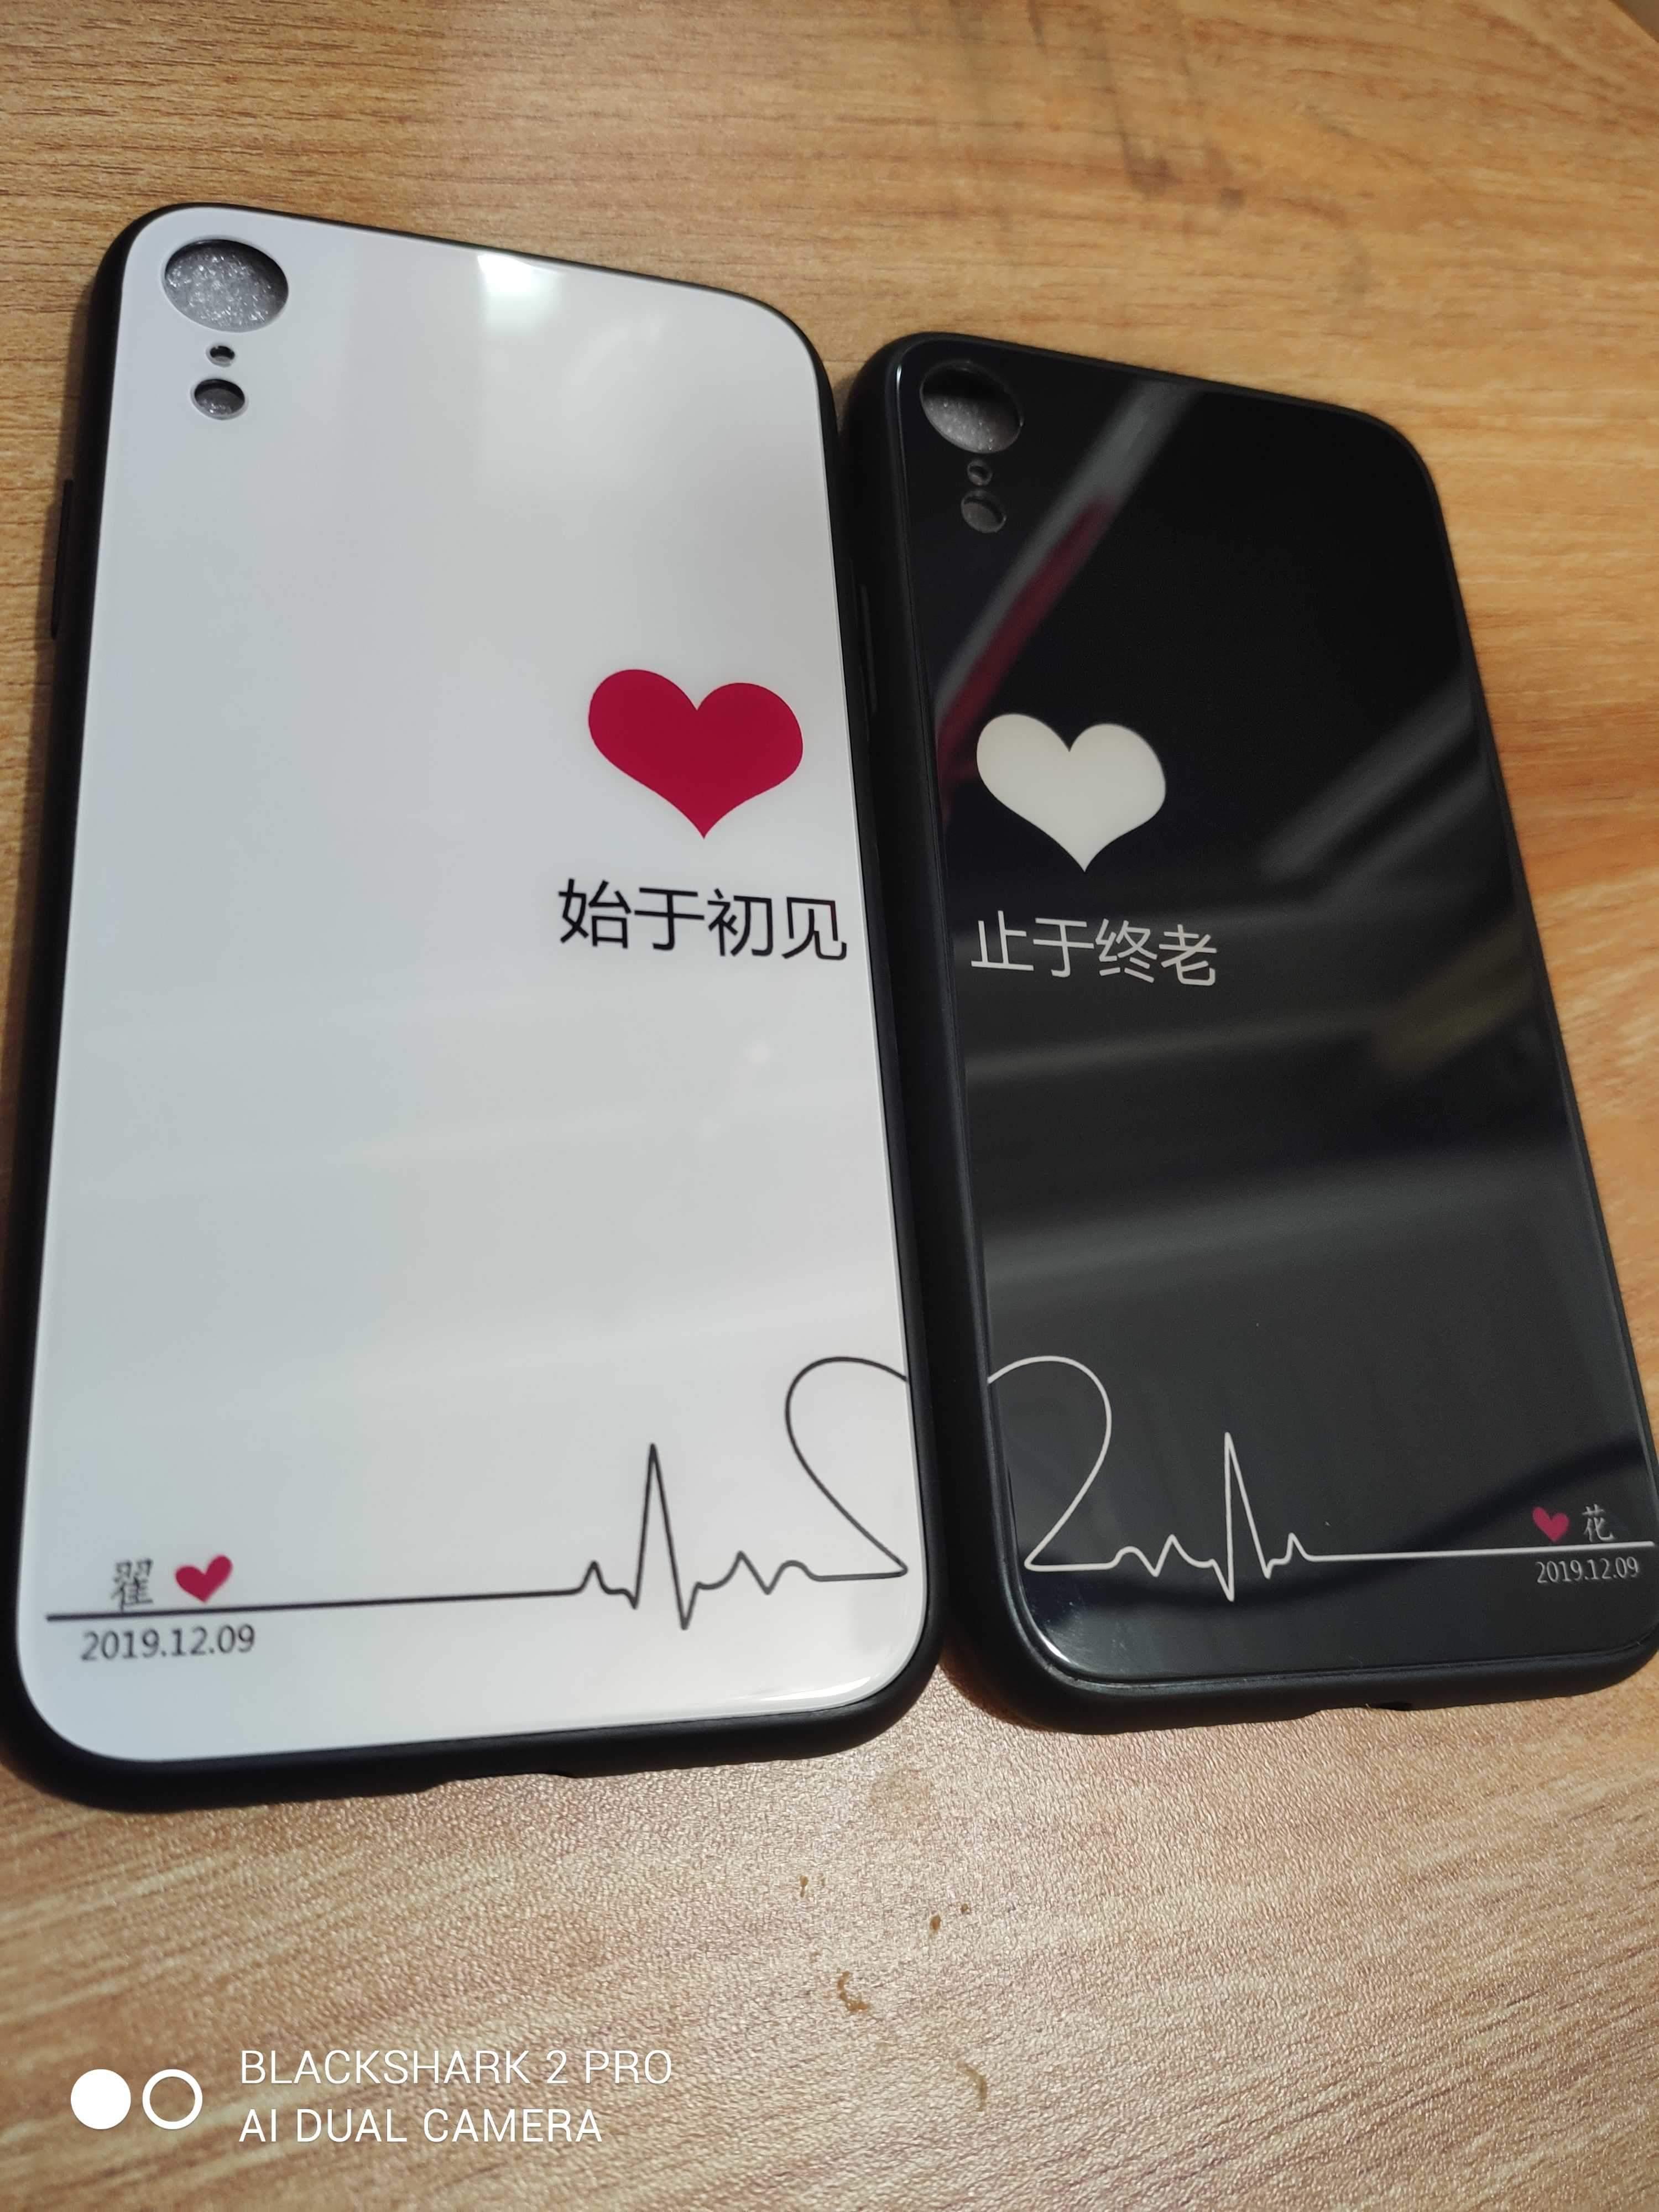 DIY手机壳OPPOvivo苹果华为全系情侣文字钢化玻璃亚克力夜光玻璃